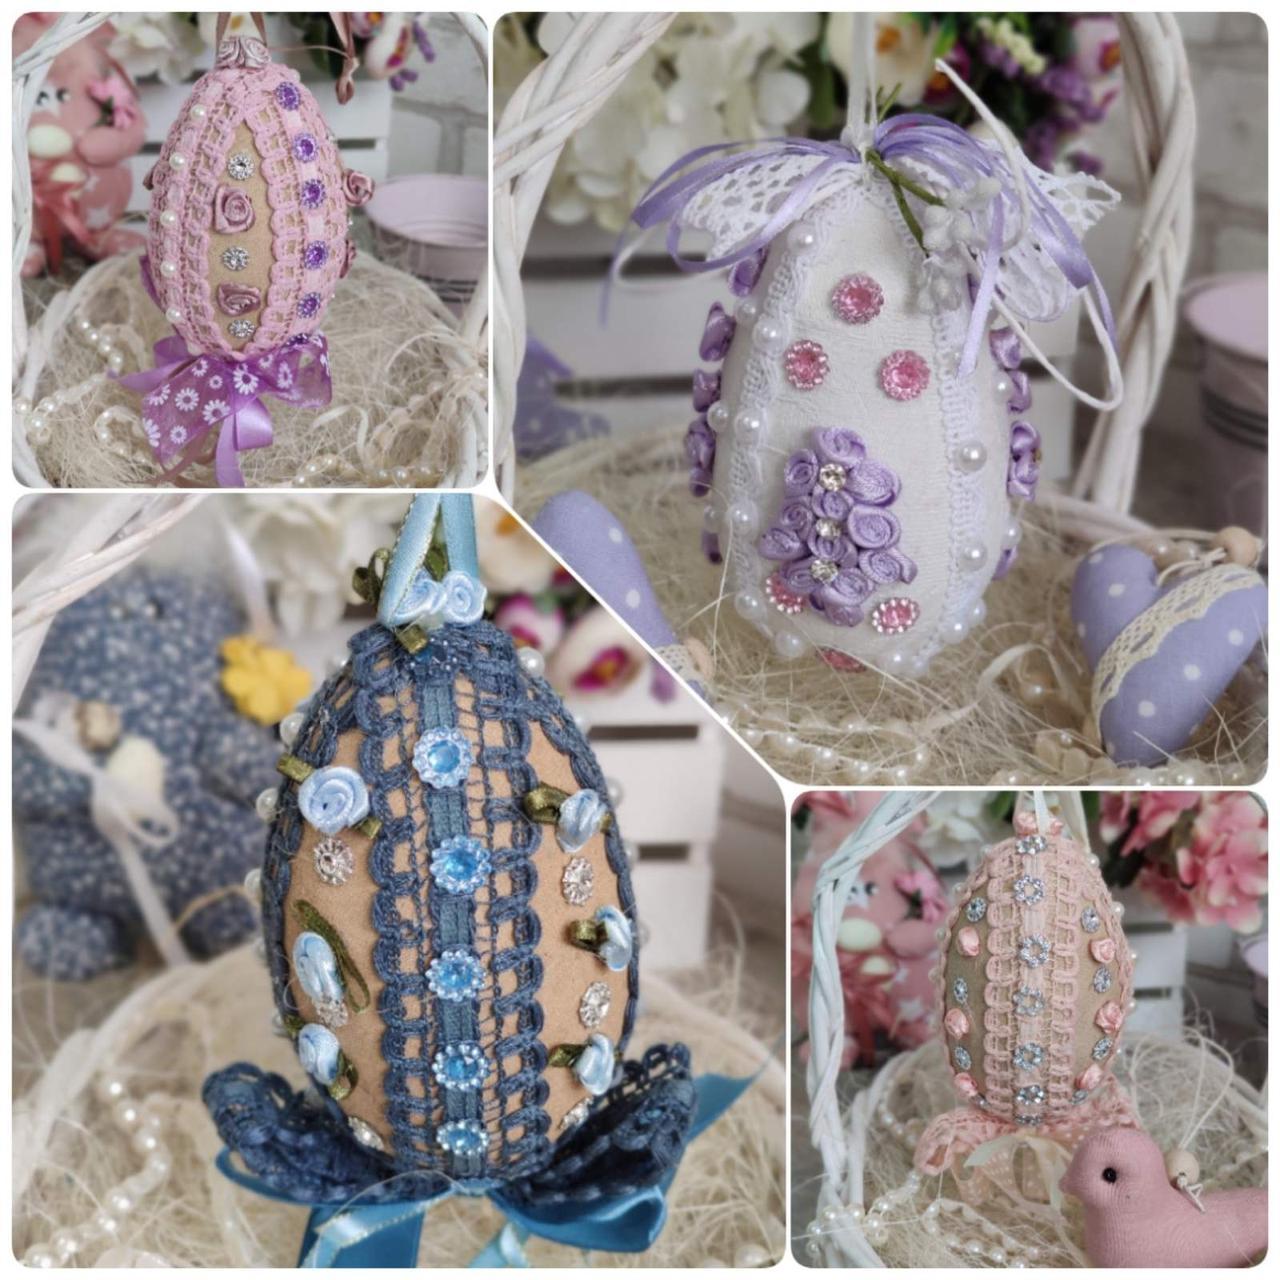 Яйцо пасхальное с кружевом, Н- 10-11 см, 95 грн, подвеска на корзину или заготовка для венка.